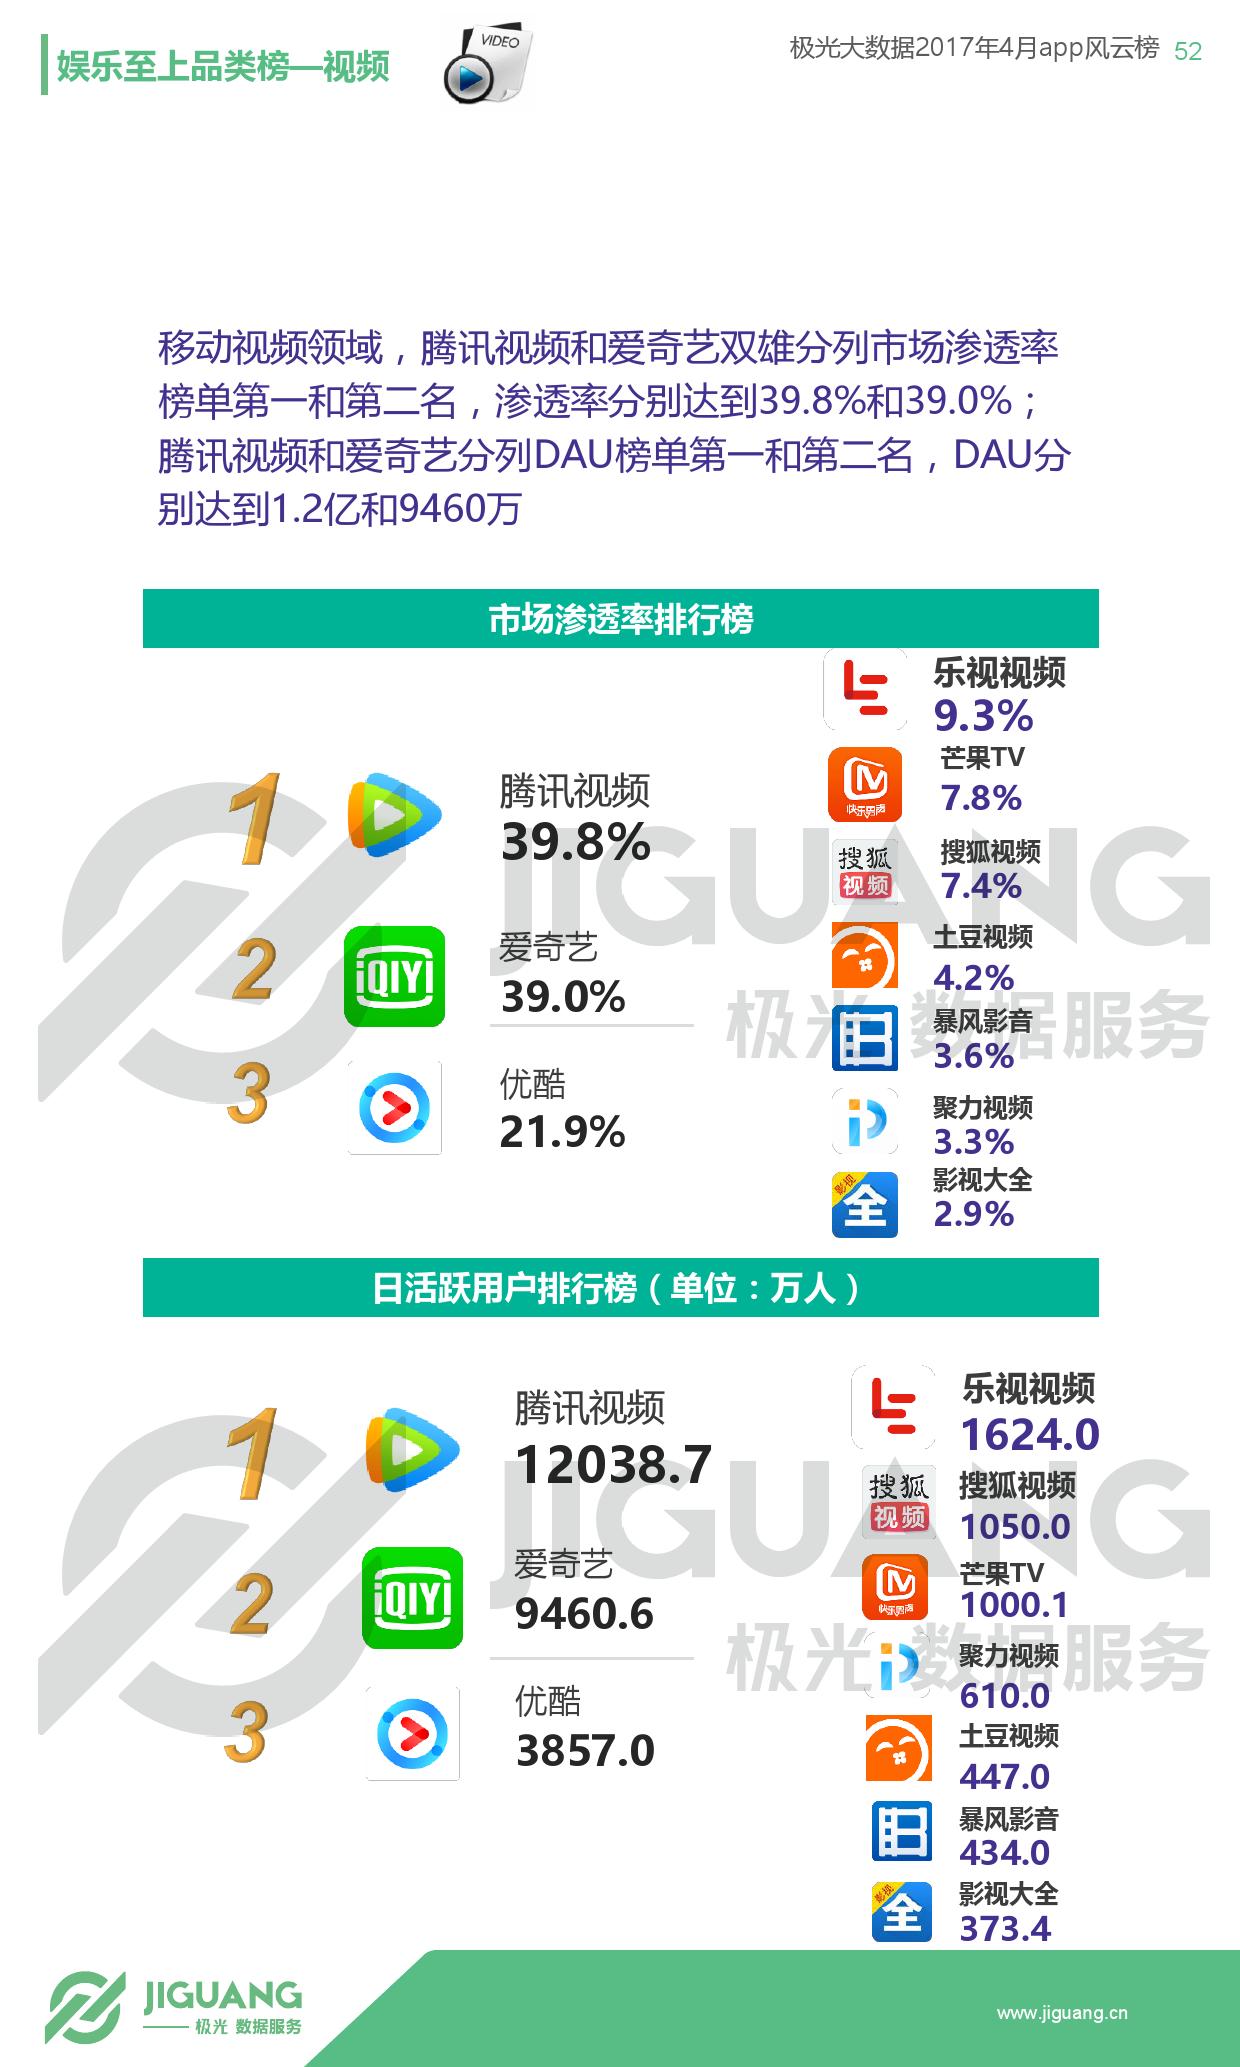 极光大数据:2017年4月app榜单-09大数据